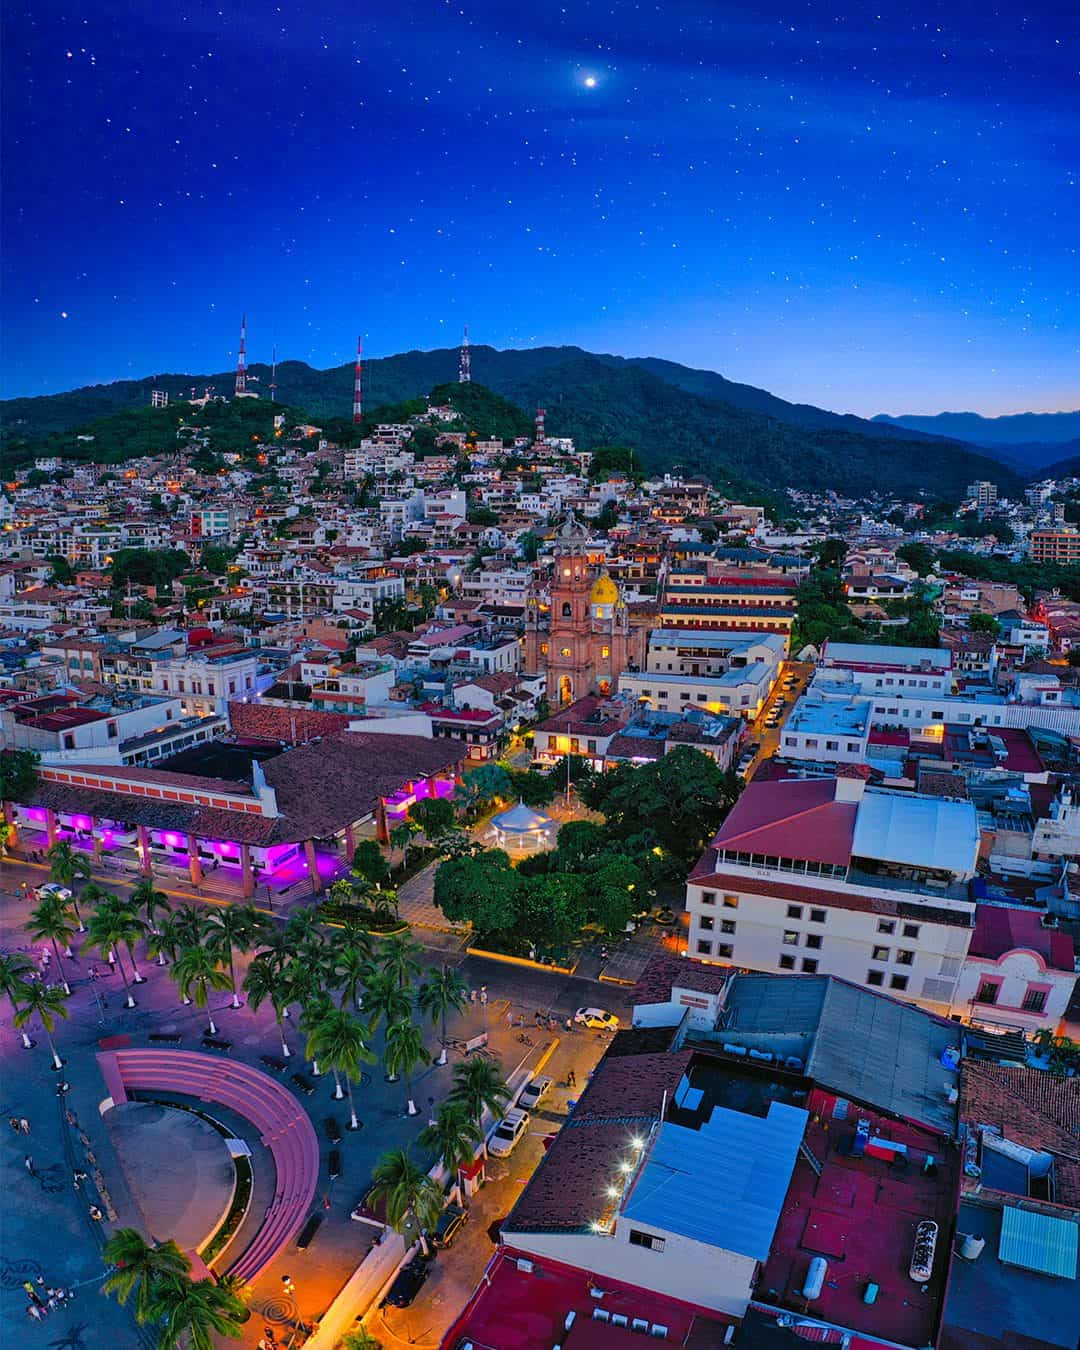 Centro Historico / Things To Do In Puerto Vallarta